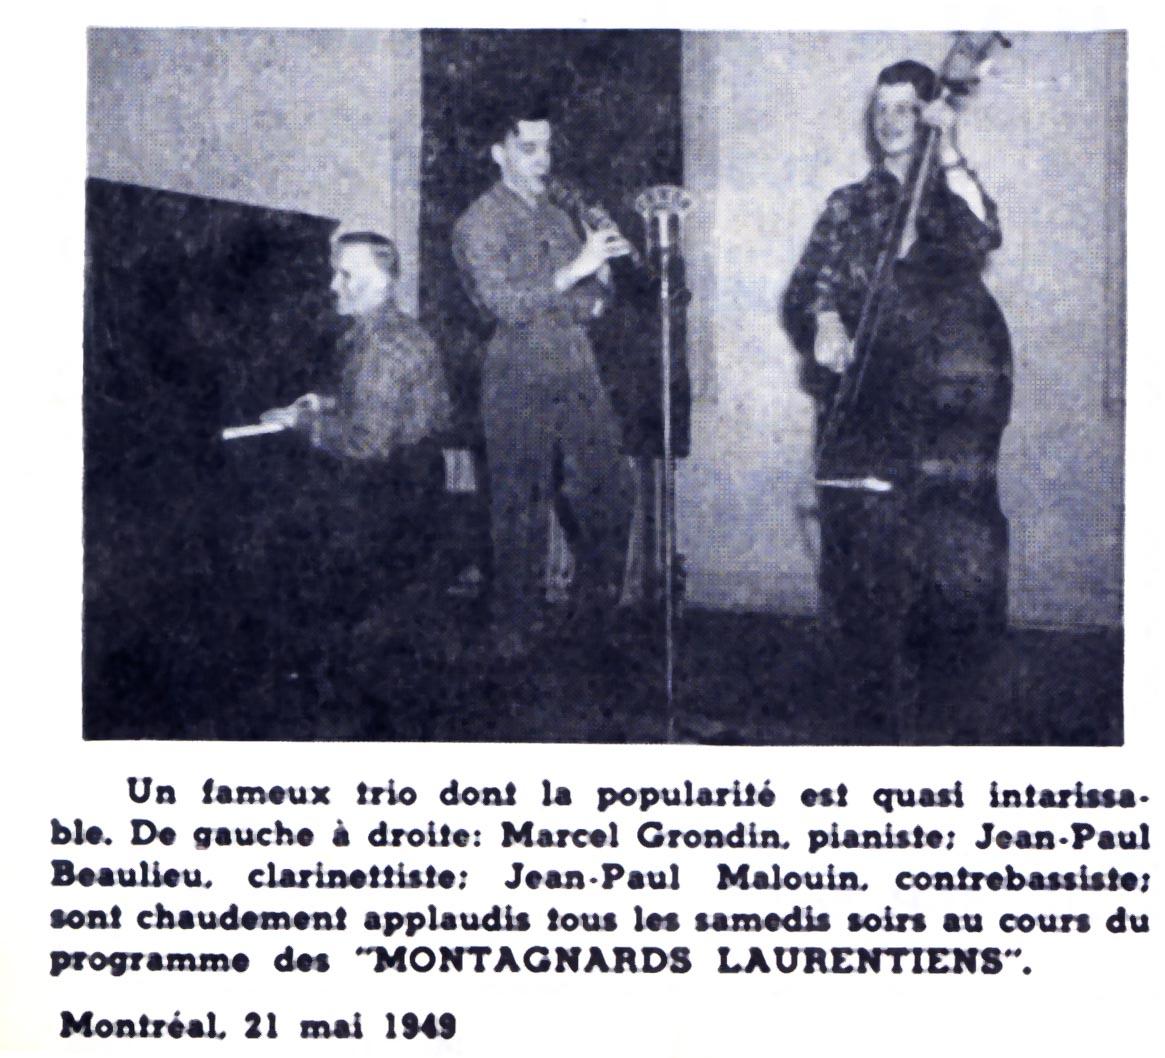 Montagnards laurentiens